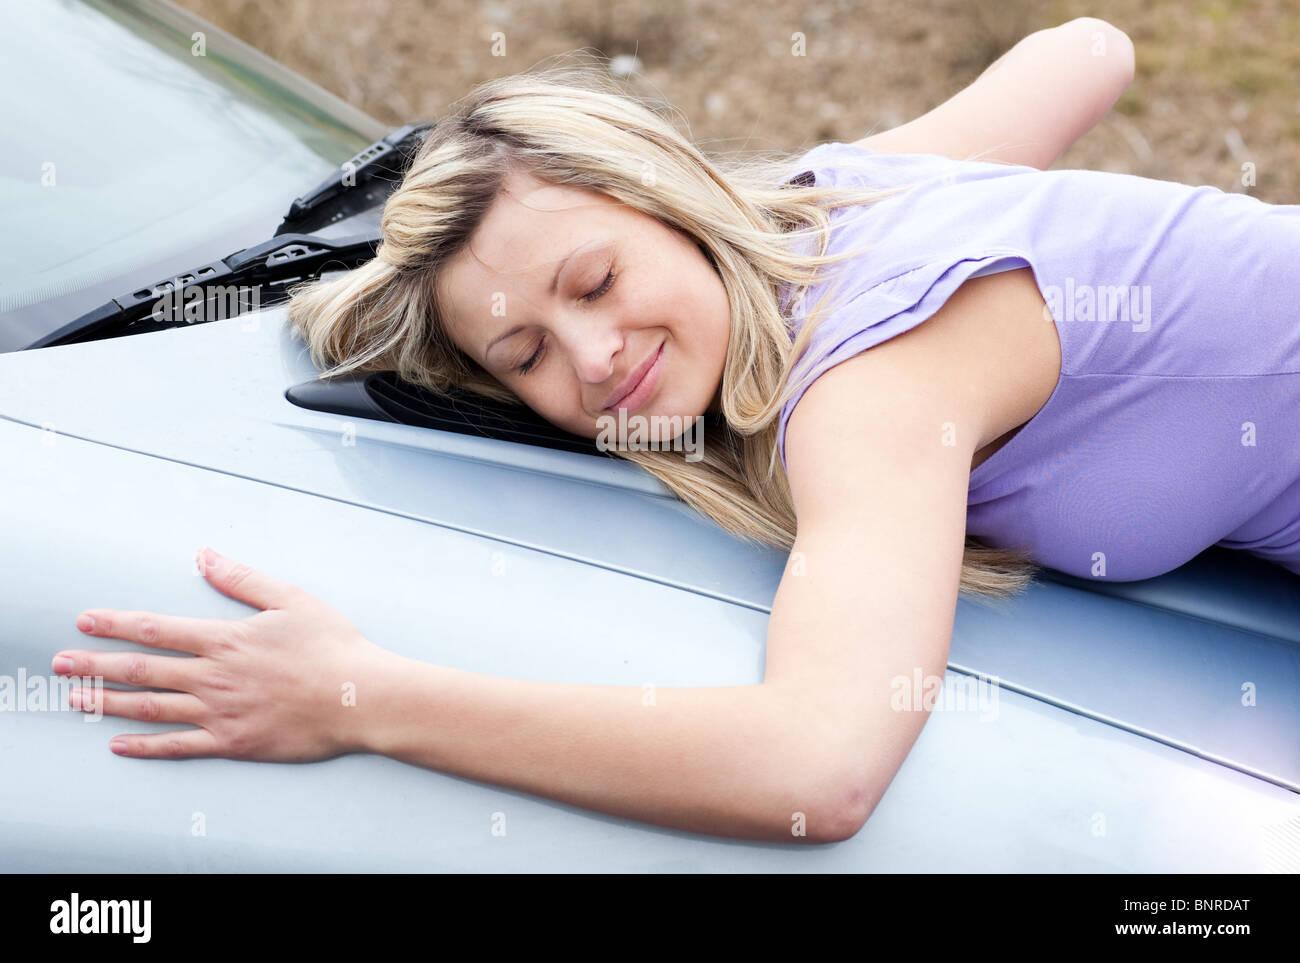 Fröhliche Fahrerin umarmende ihr neues Auto Stockfoto